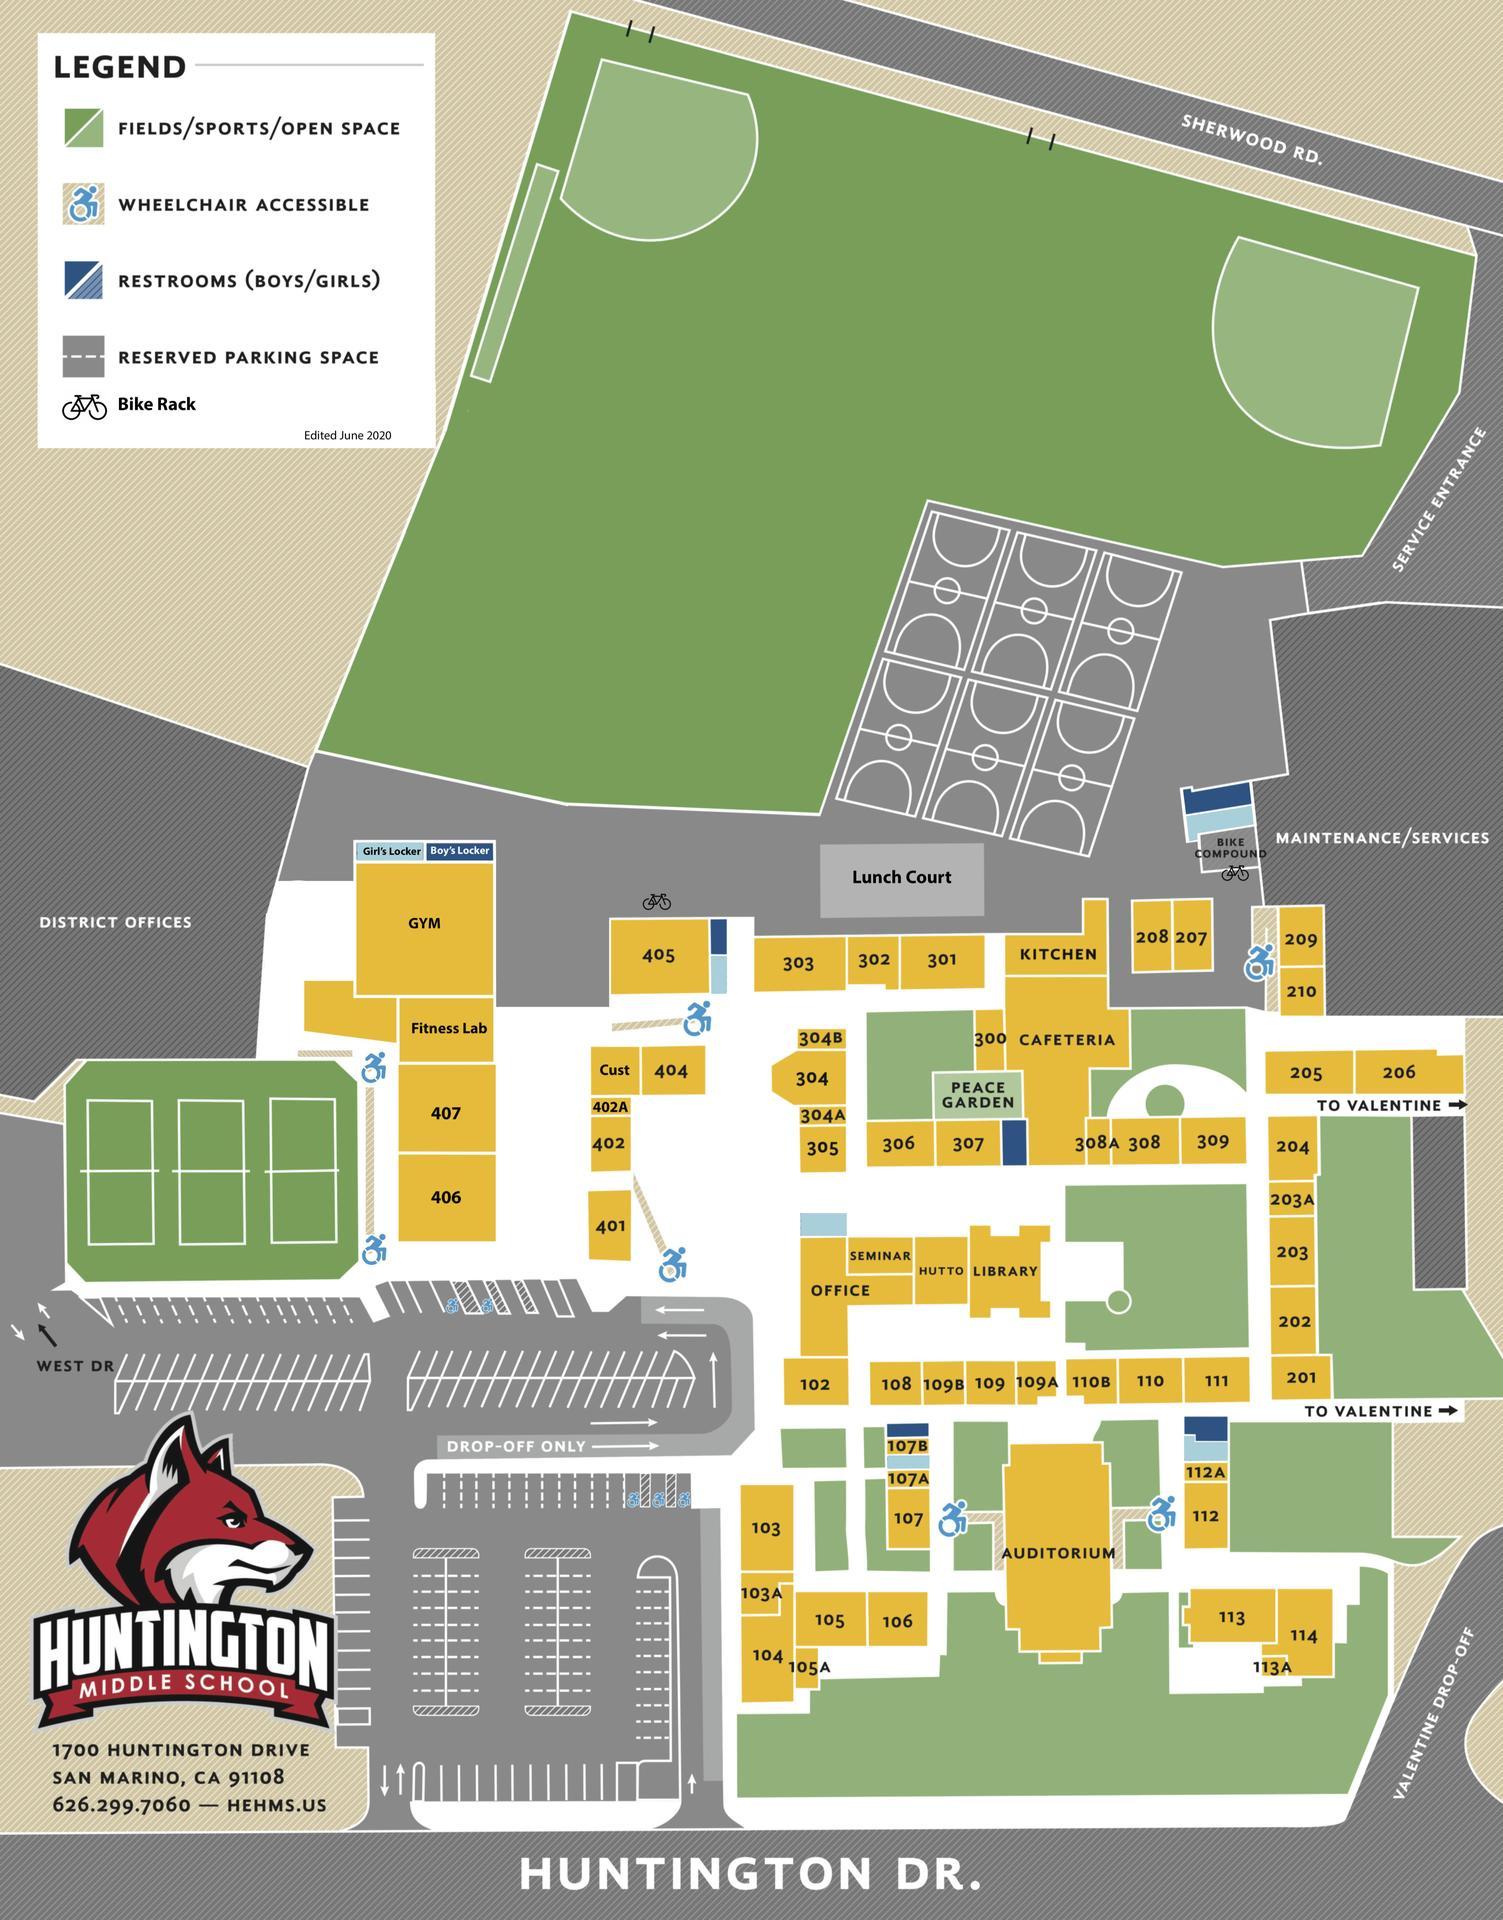 2020 HMS Campus Map